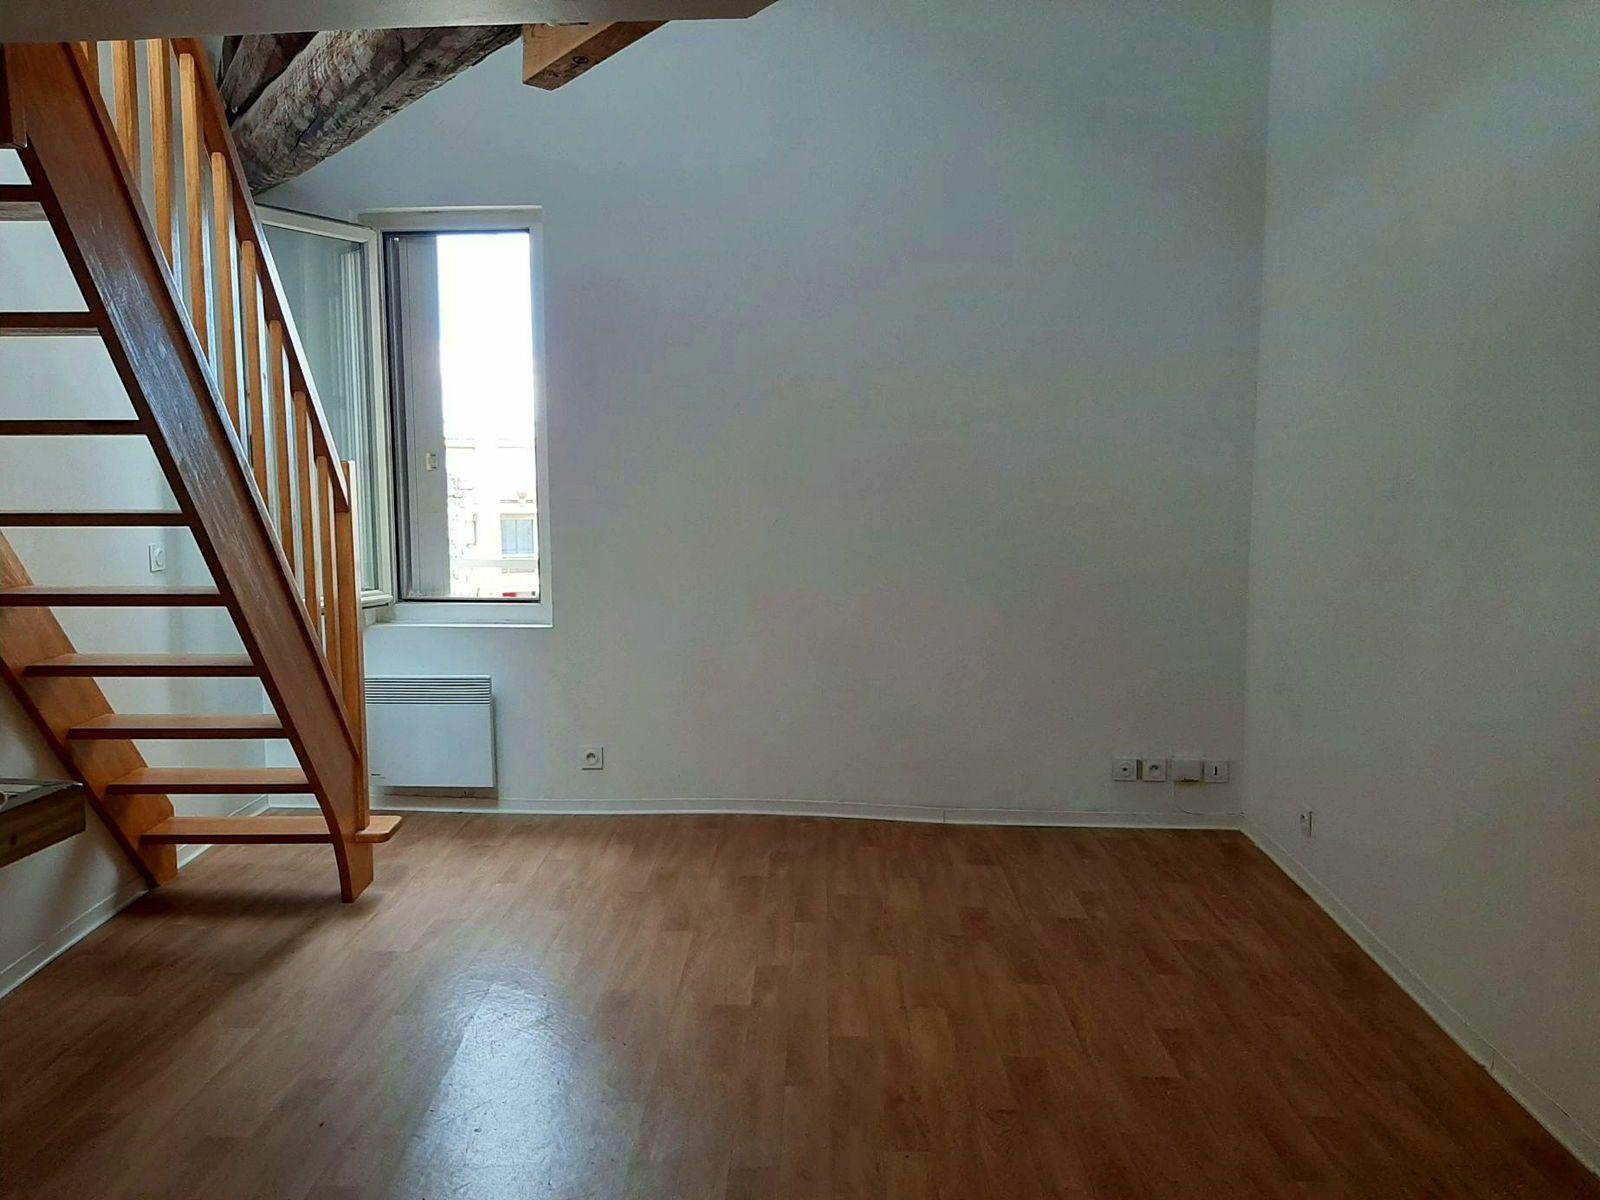 Loue Studio mezzanine 27m² à Montpellier St Denis - Clemenceau